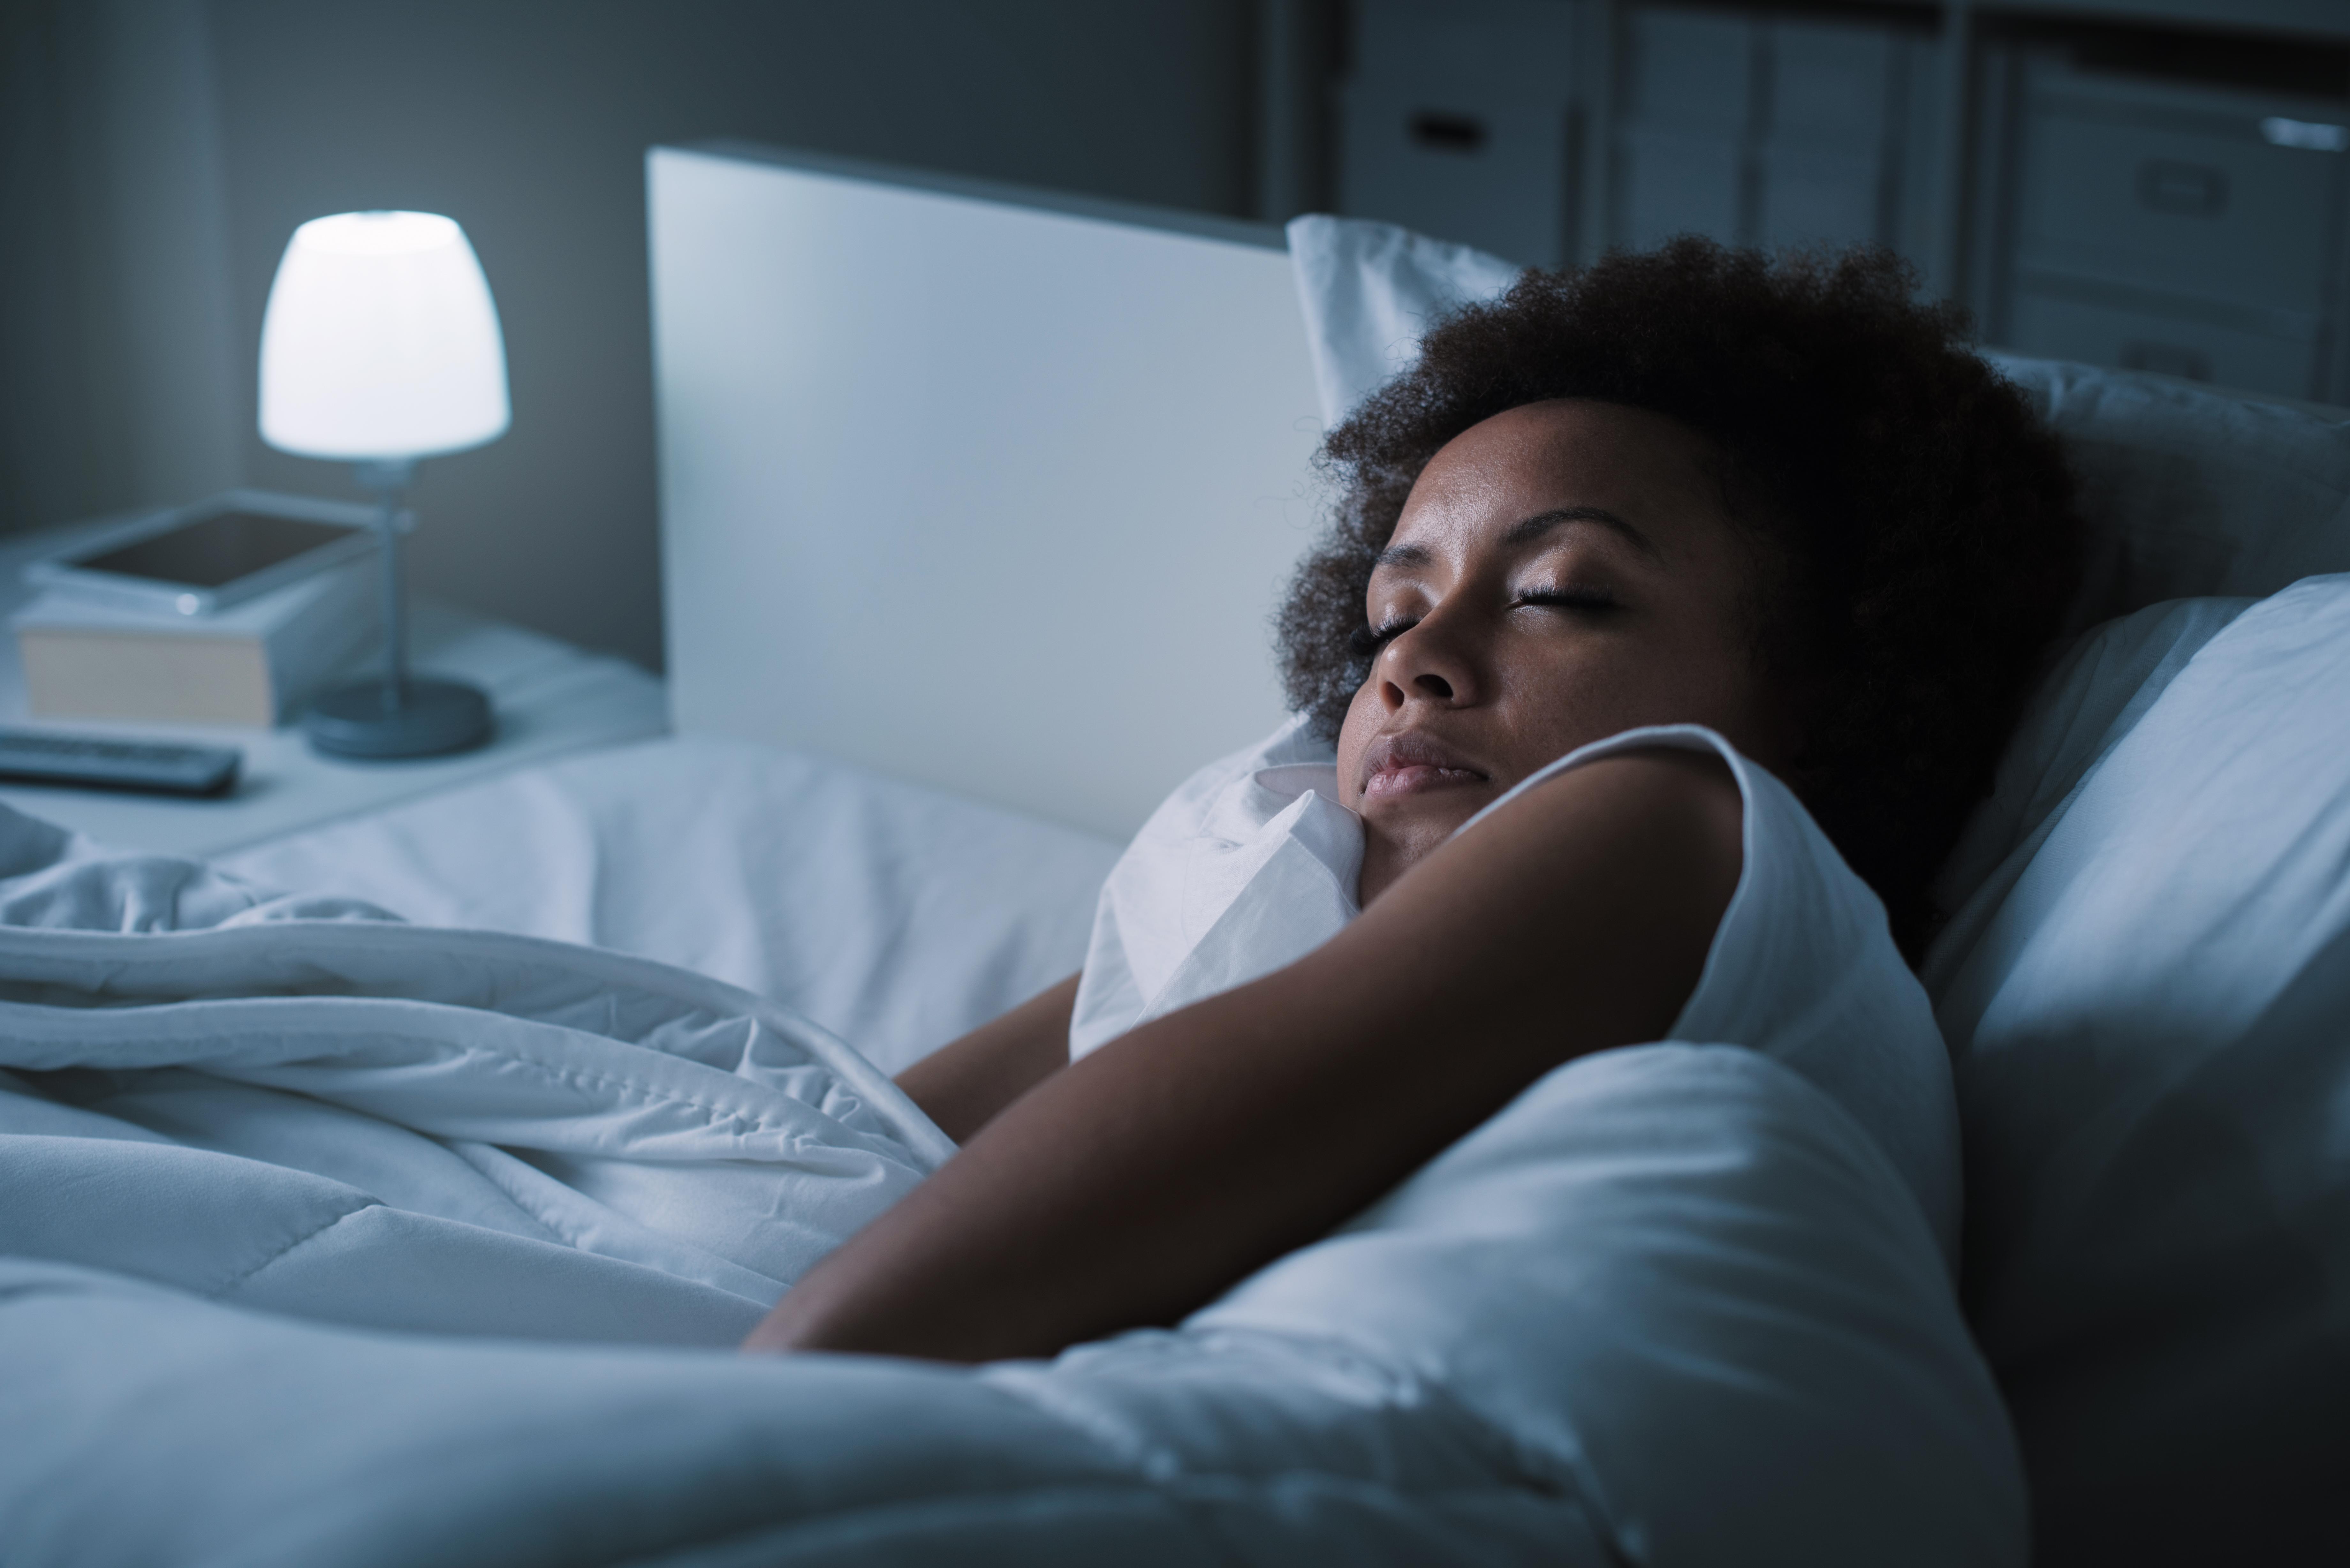 Alla förtjänar en god natts sömn och det finns hjälp att få om du snarkar.